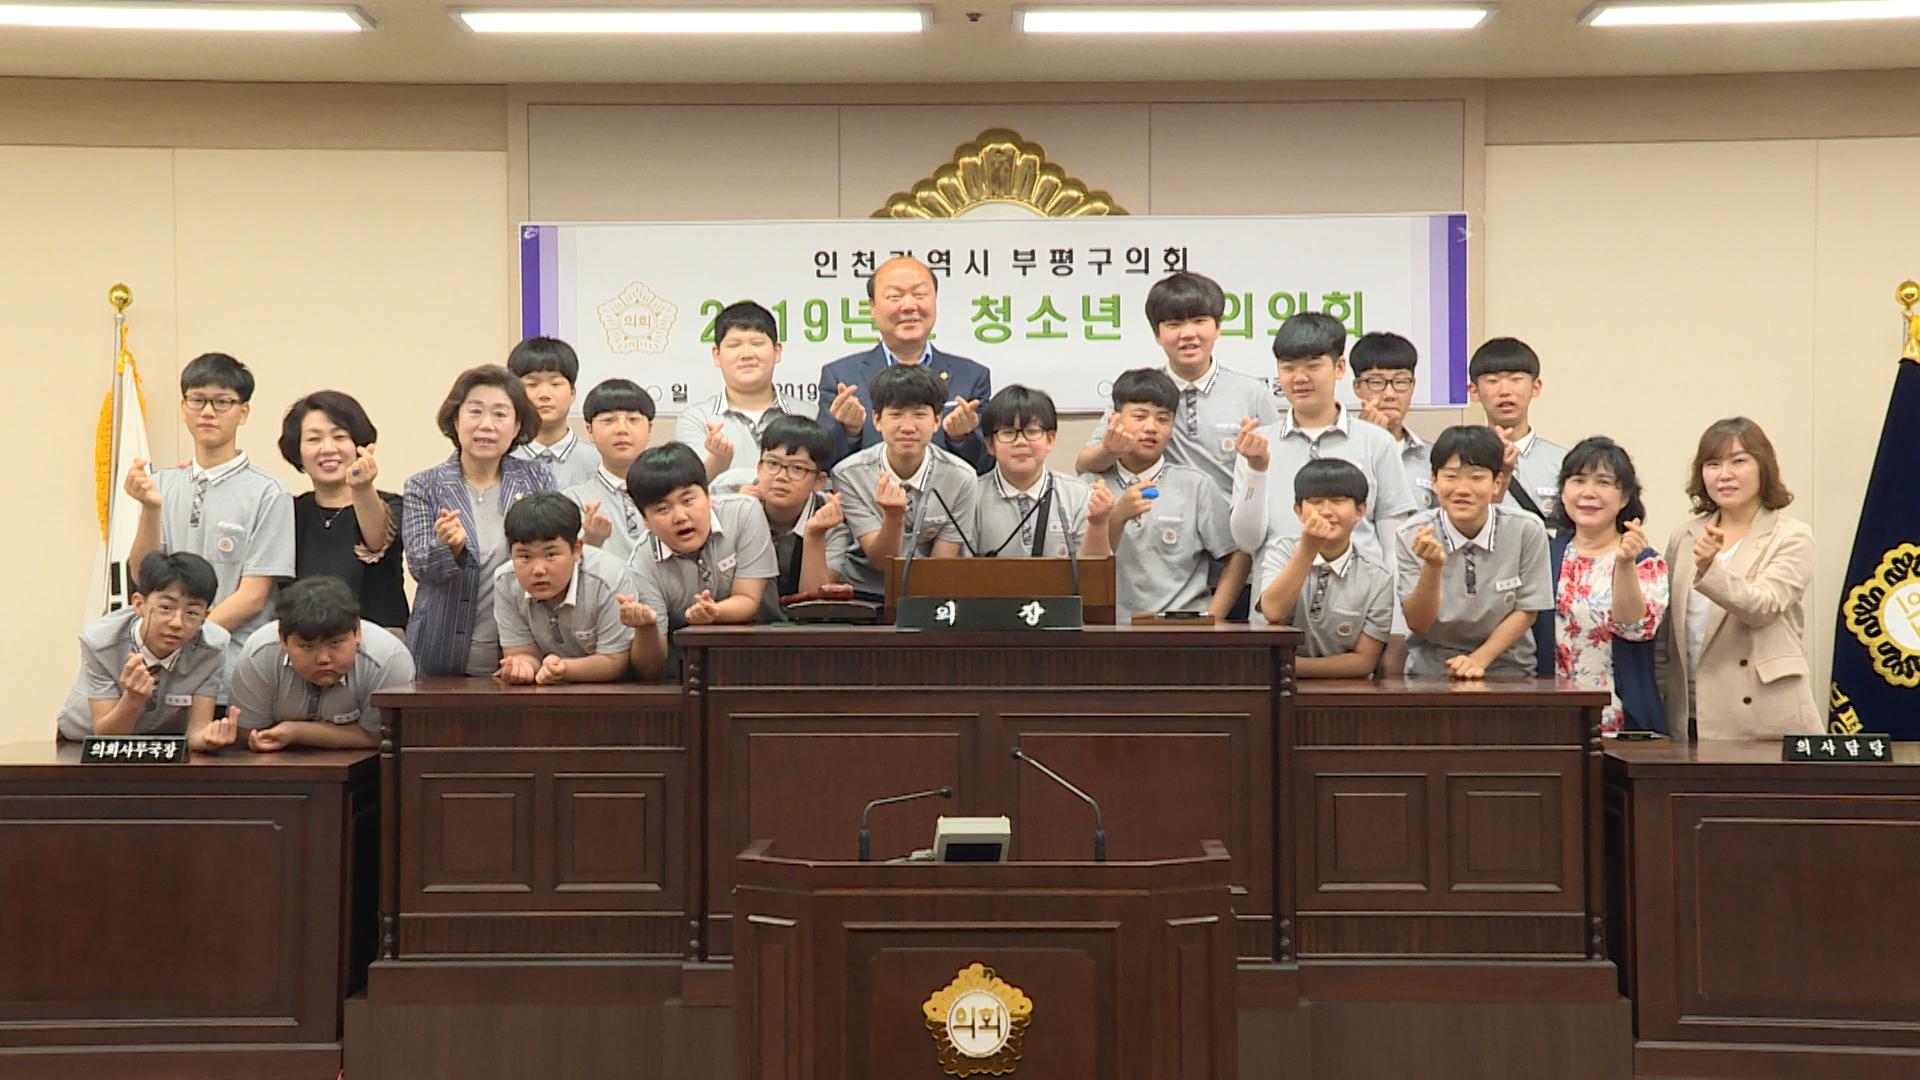 2019 의정돋보기 4회 <산곡중학교 모의 의회체험> 대표이미지